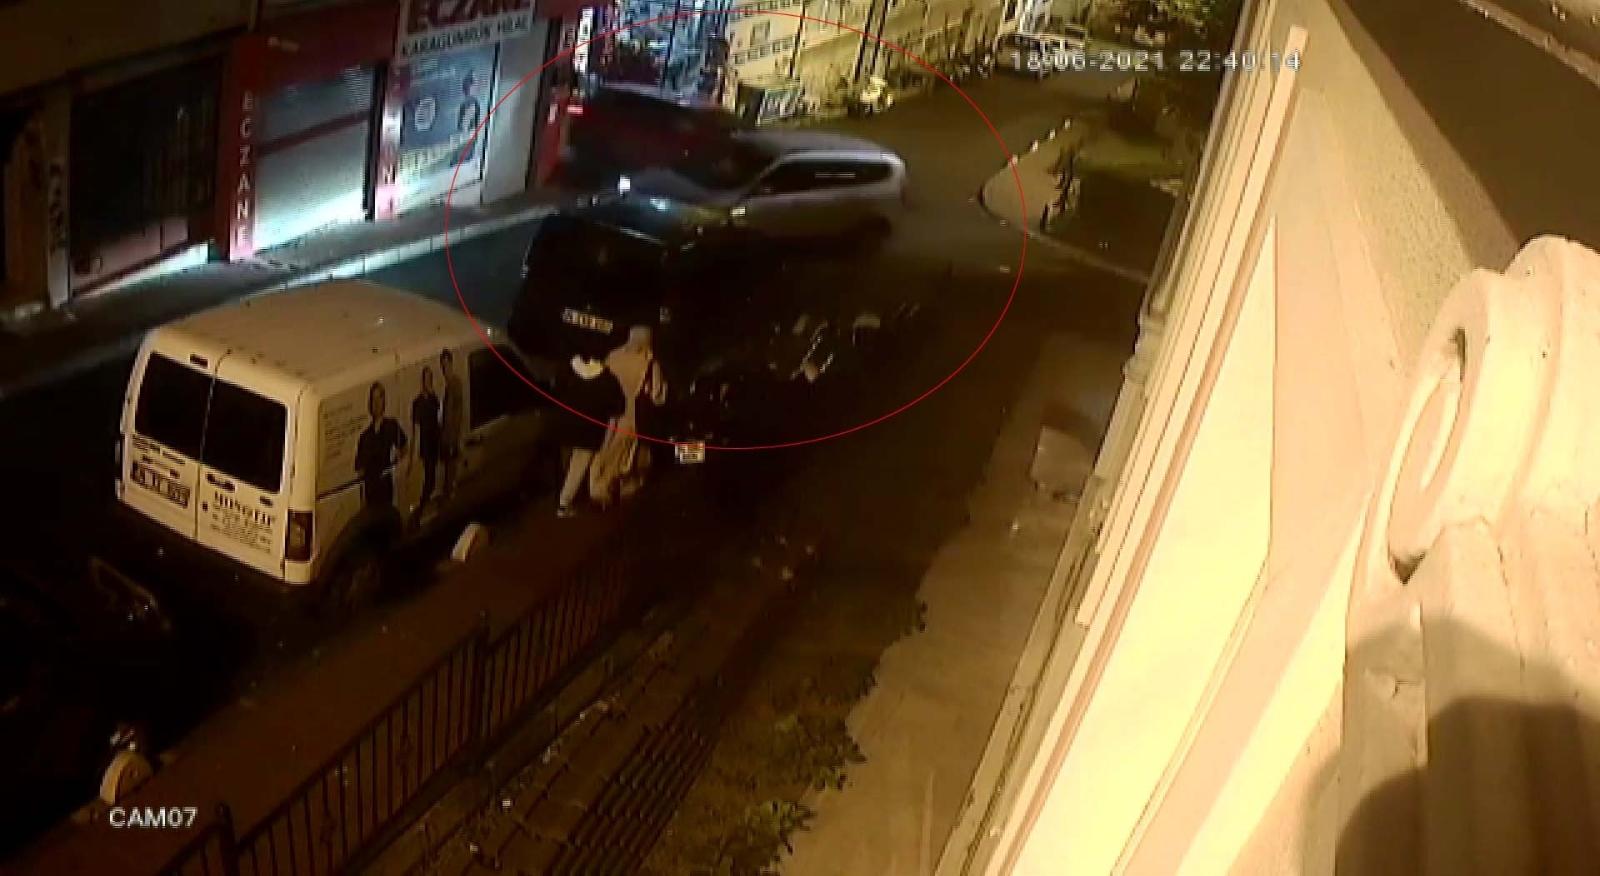 Fatih'te İki Aracın Çarpıştığı Kaza Kamerada